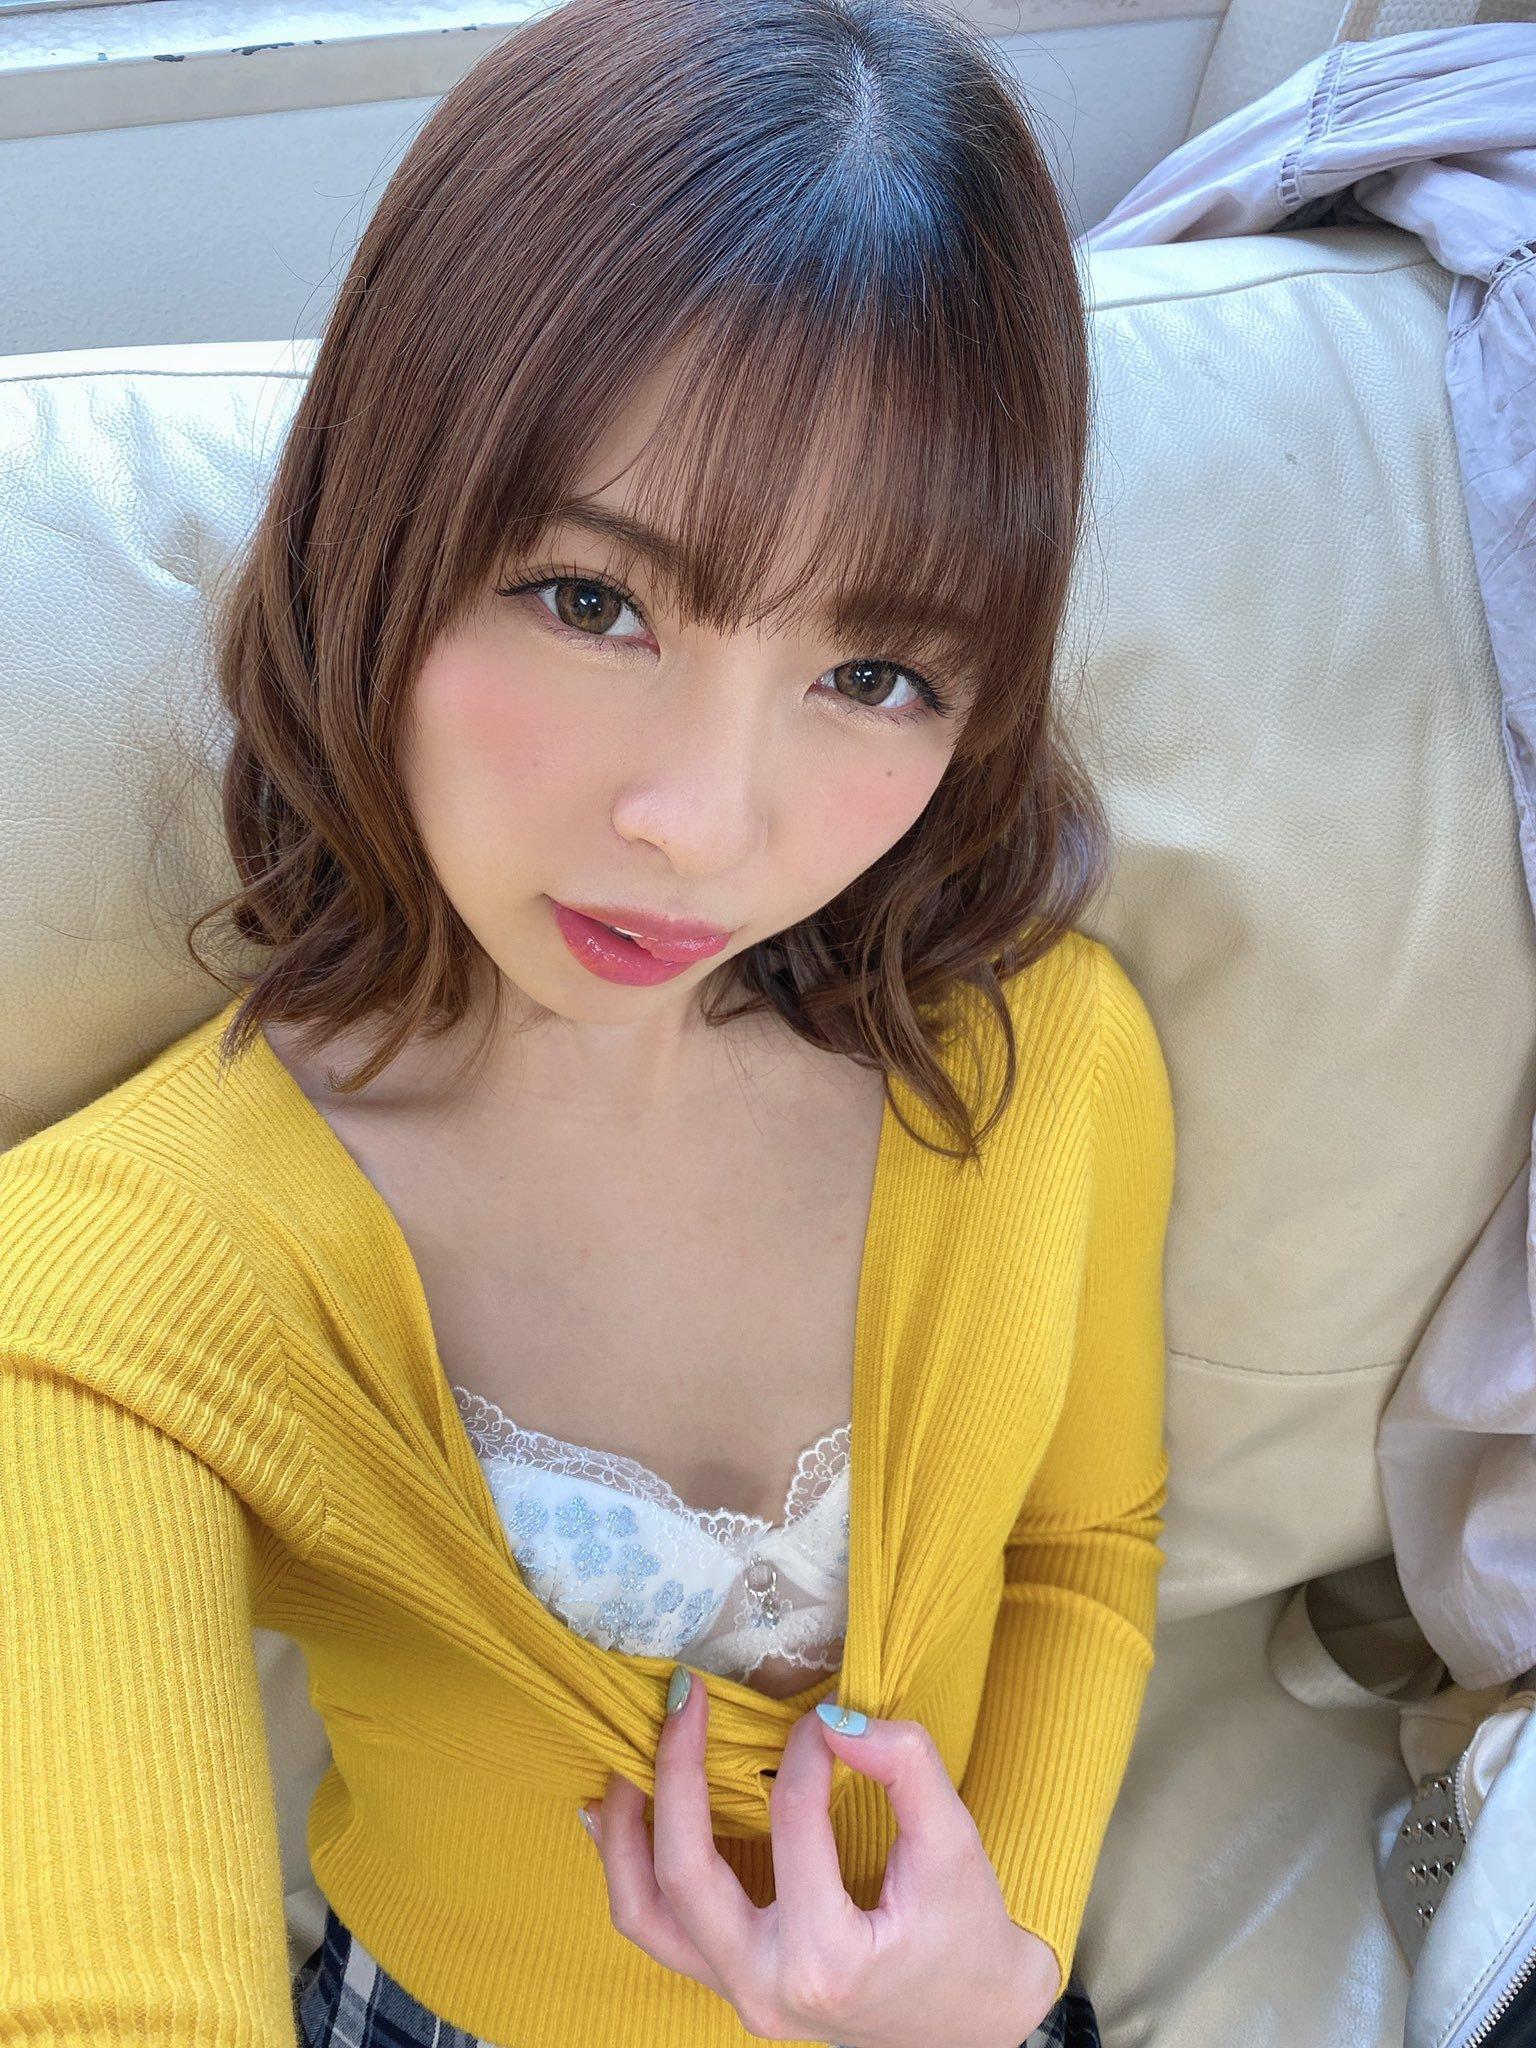 深田咏美再现魅魔 葵铃奈瘦小水着插图(40)